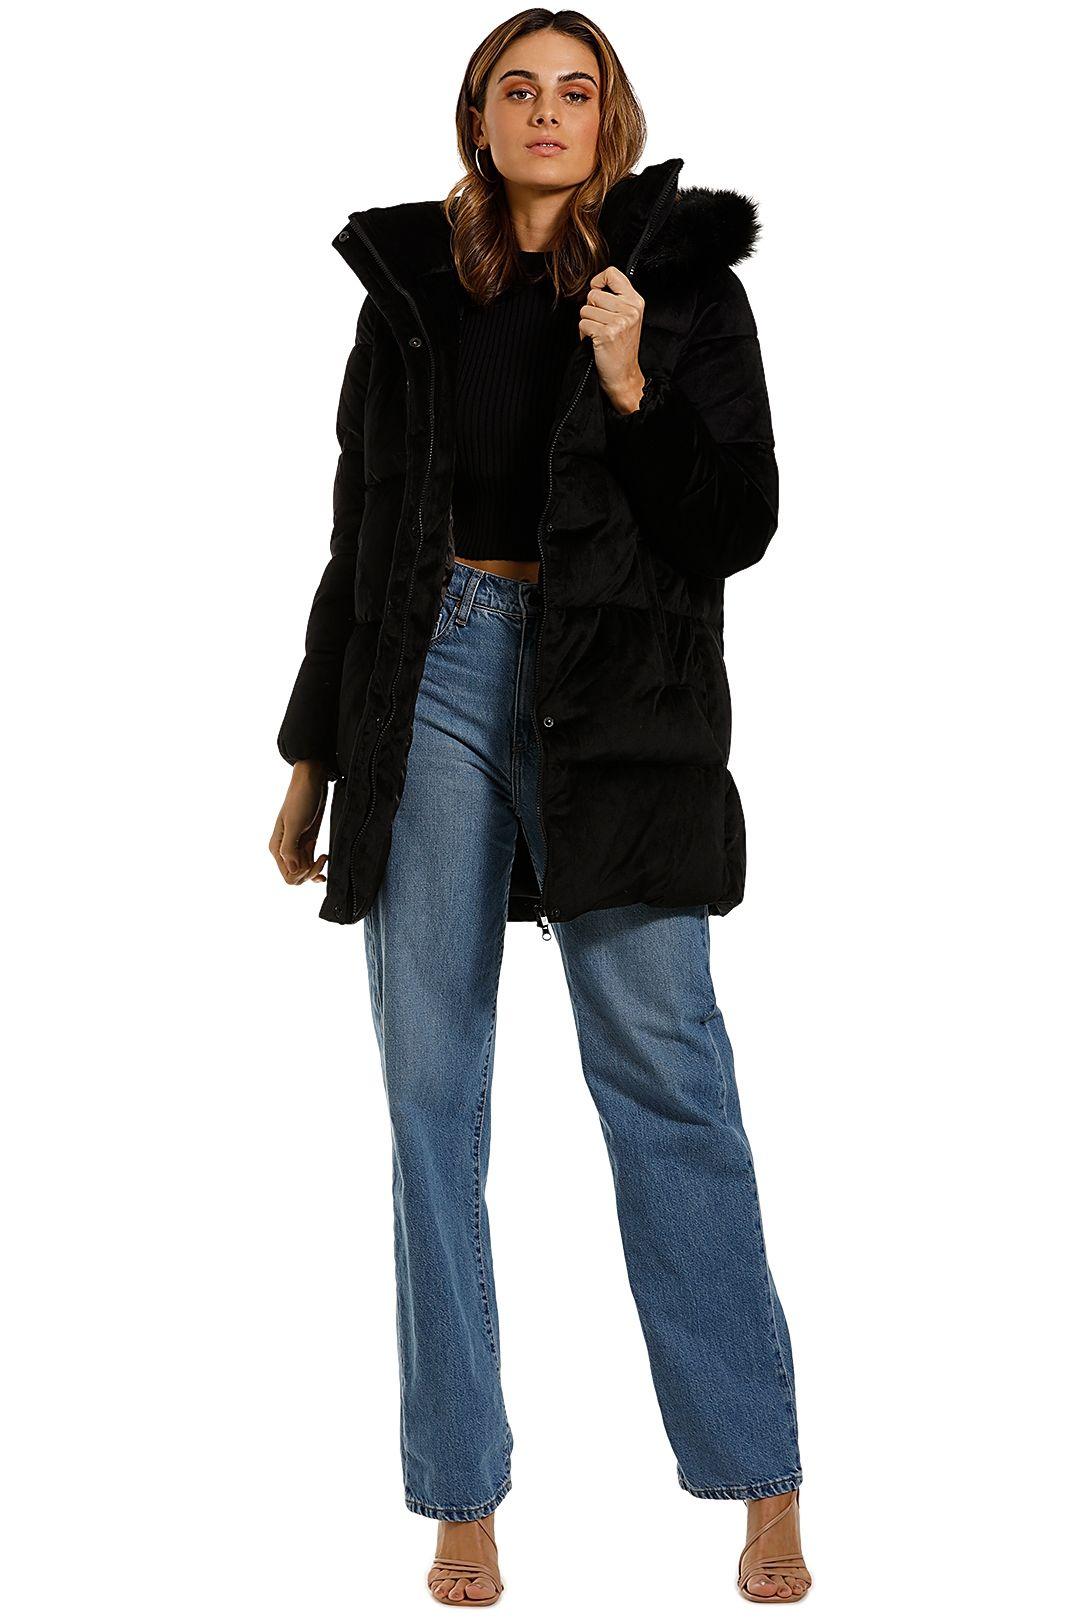 Unreal Fur Black Star Coat Fur Trim